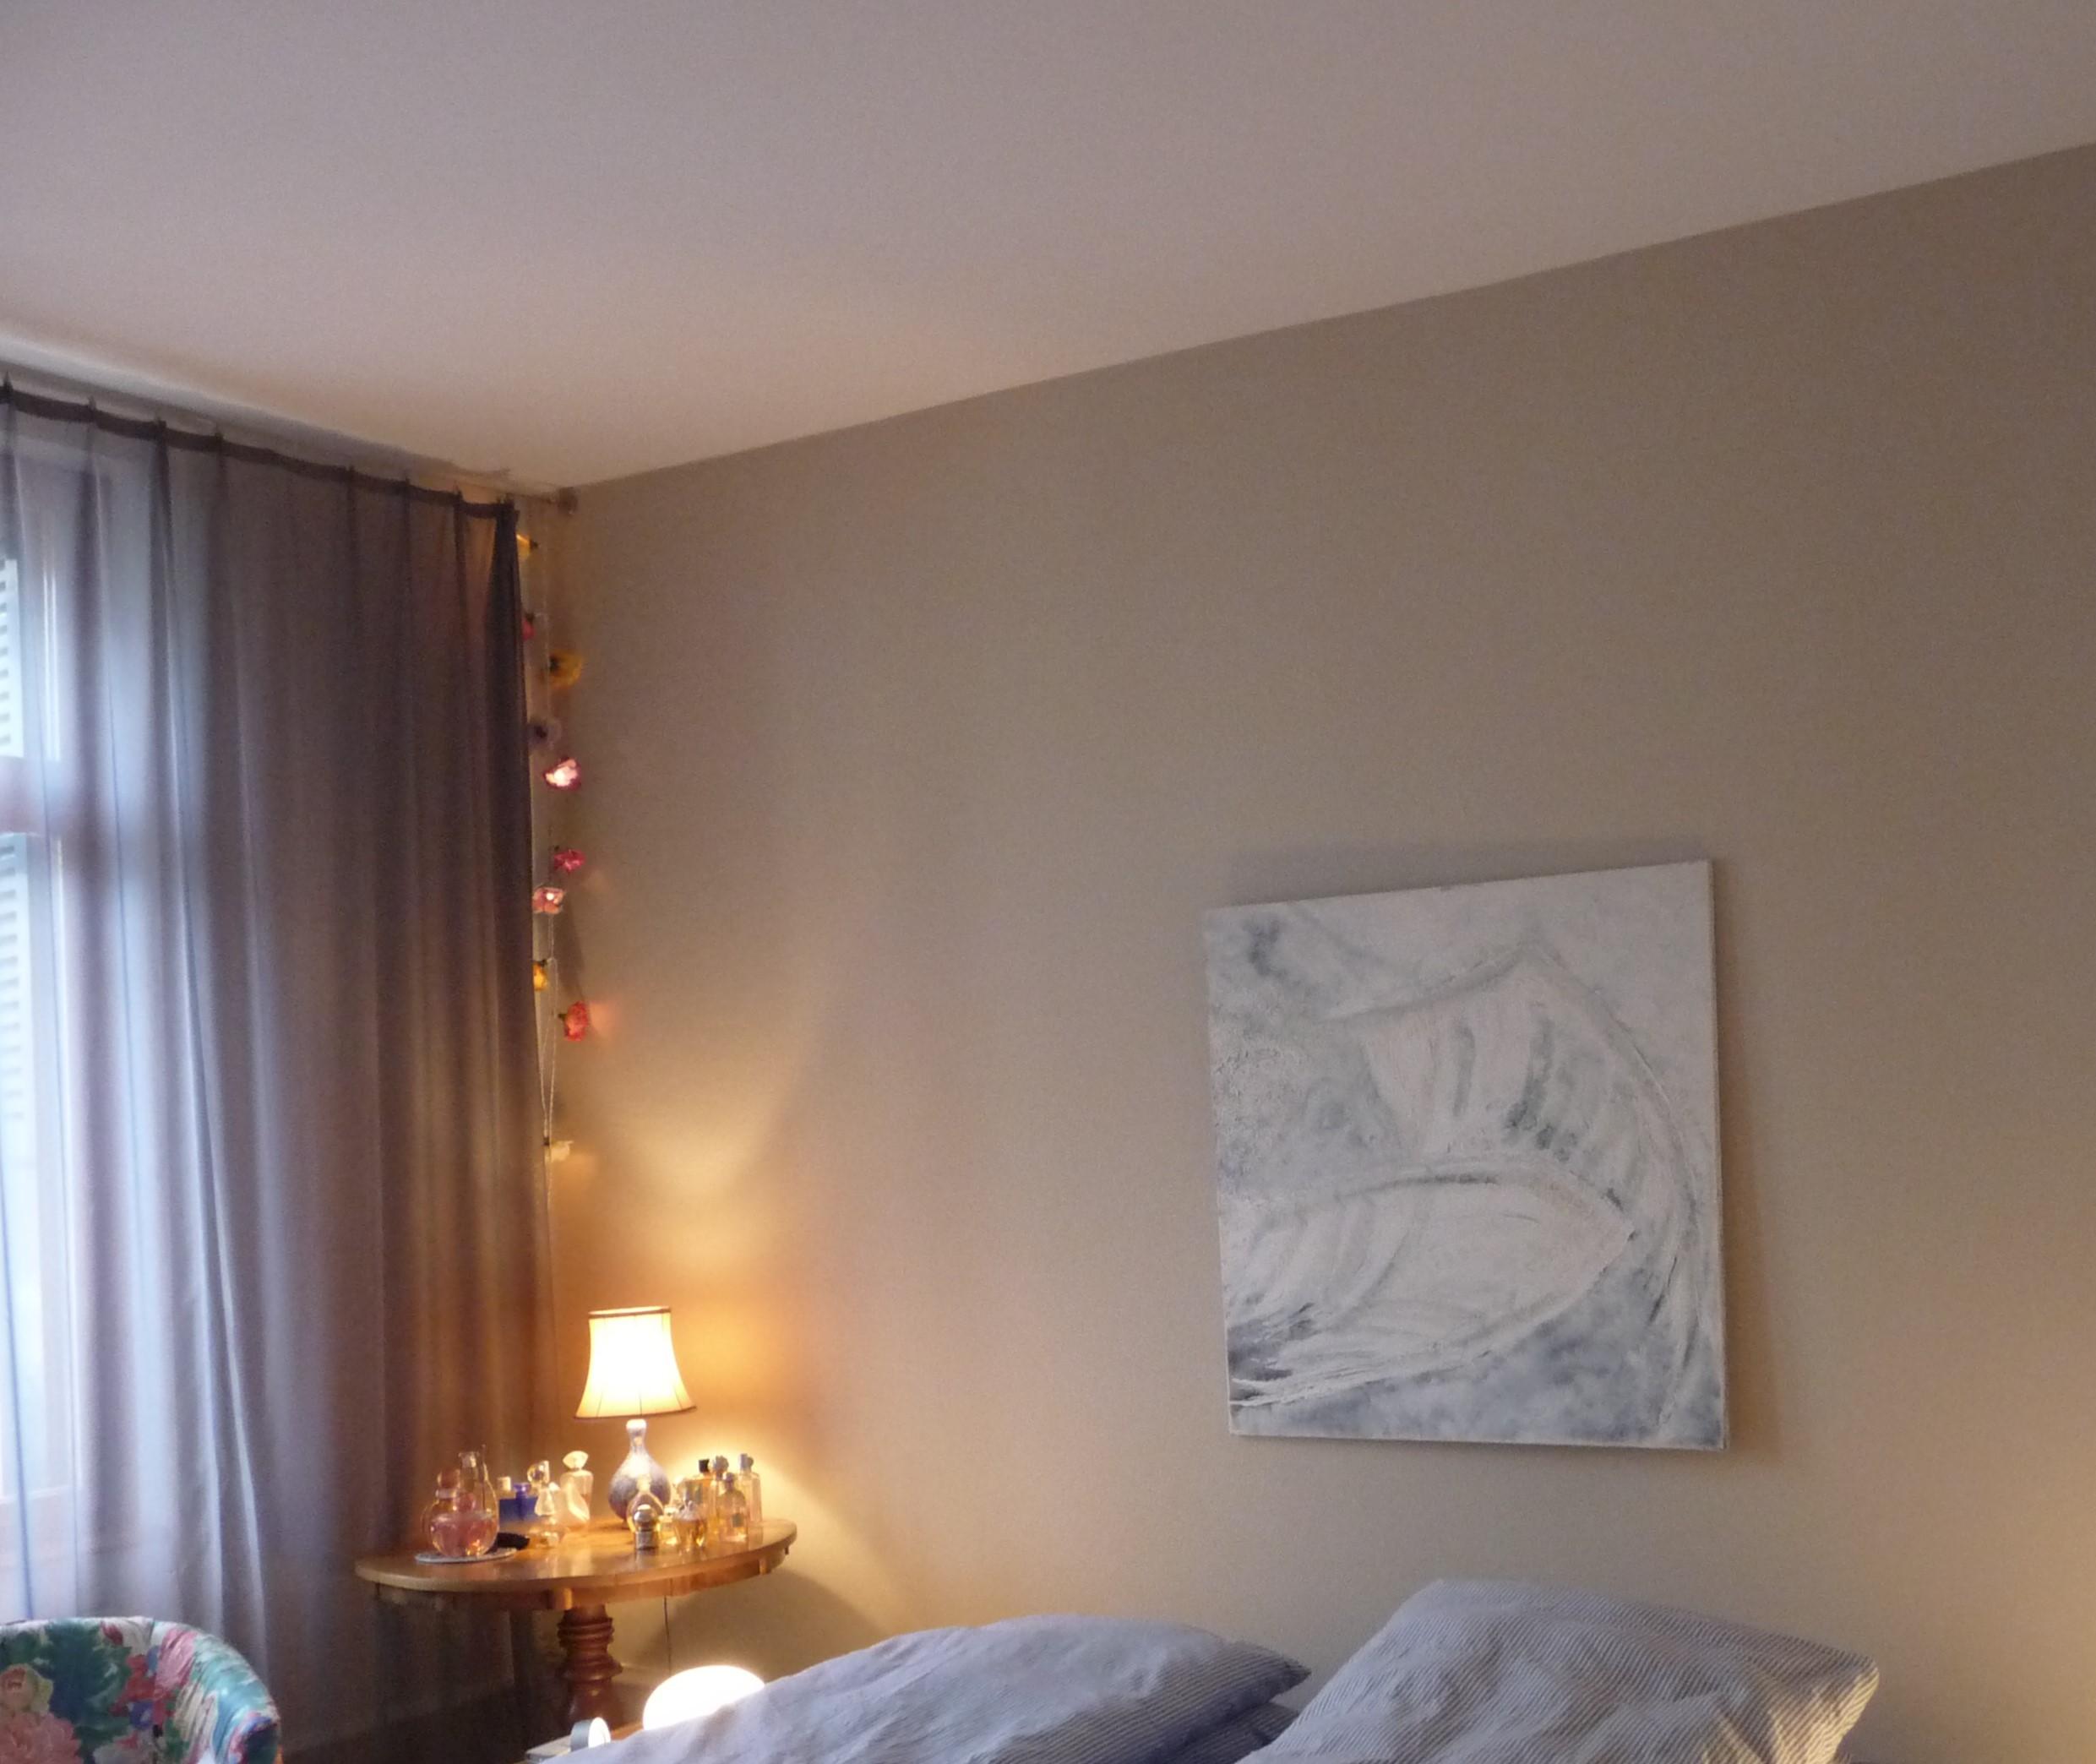 P1150169 Erstaunlich Sternenhimmel An Der Decke Dekorationen